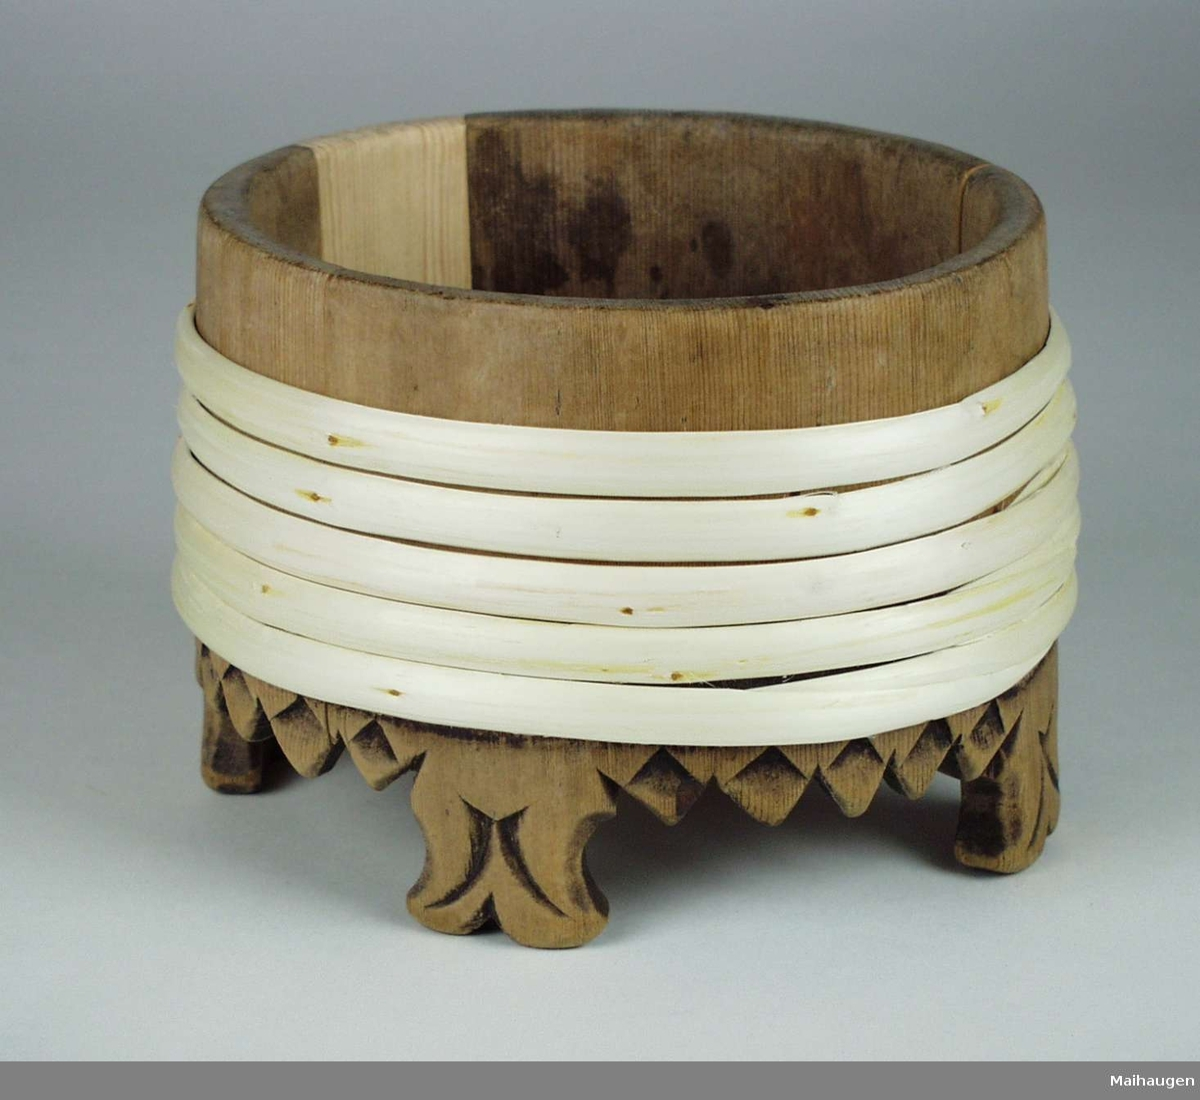 Oval lagget kopp med fire bein og nye gjorder av selje. Tagget kant med enkel utskjært dekor.